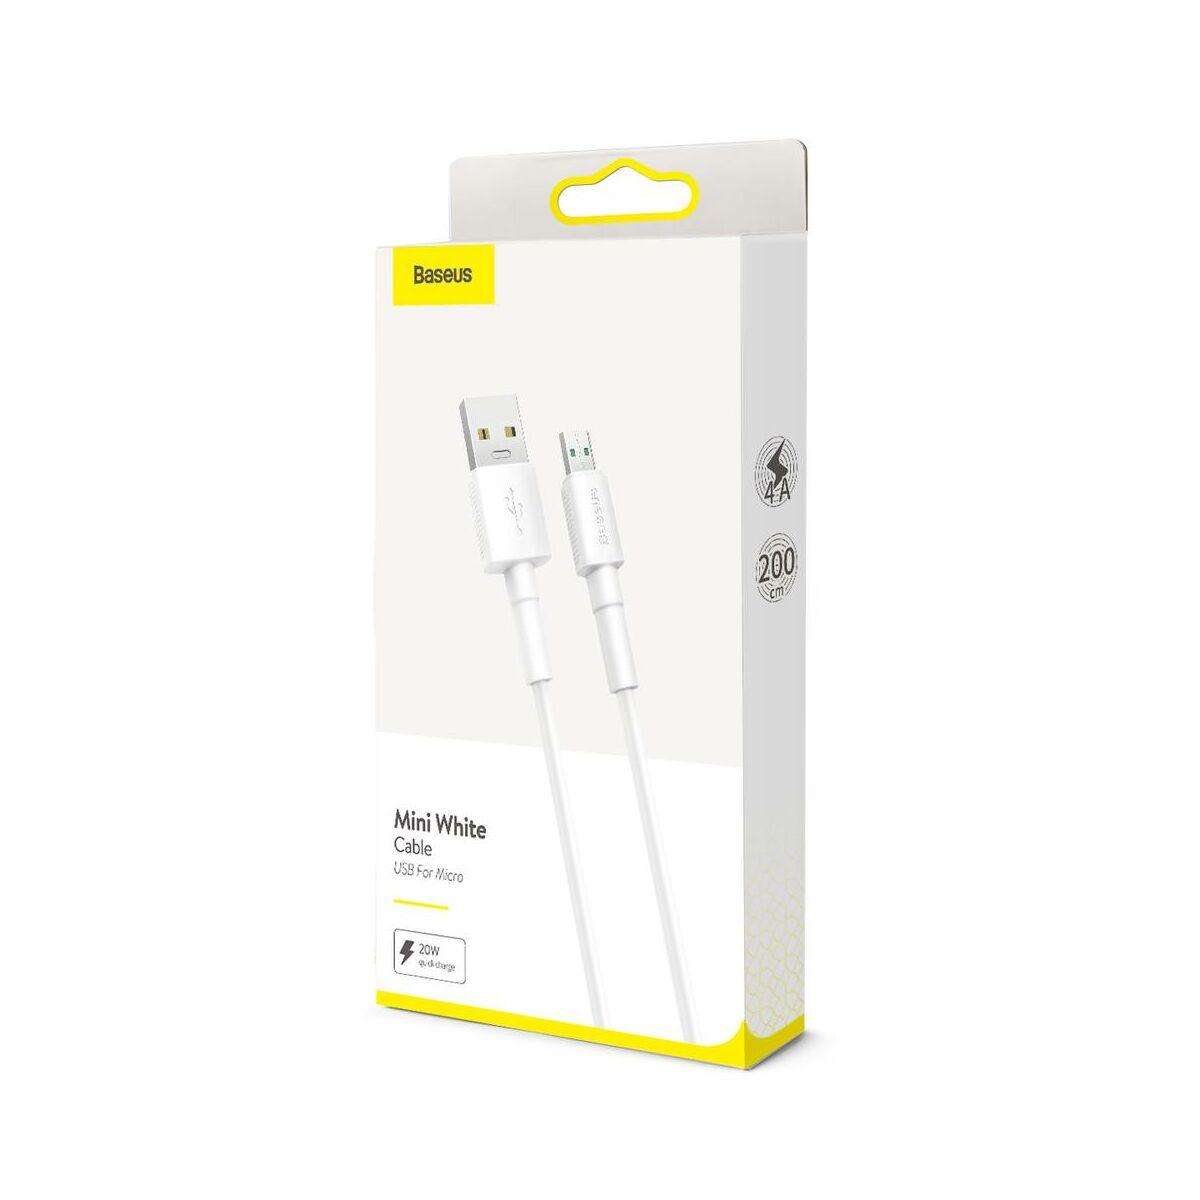 Baseus Micro USB kábel, Mini fehér, 4A, 2m, fehér (CAMSW-E02)